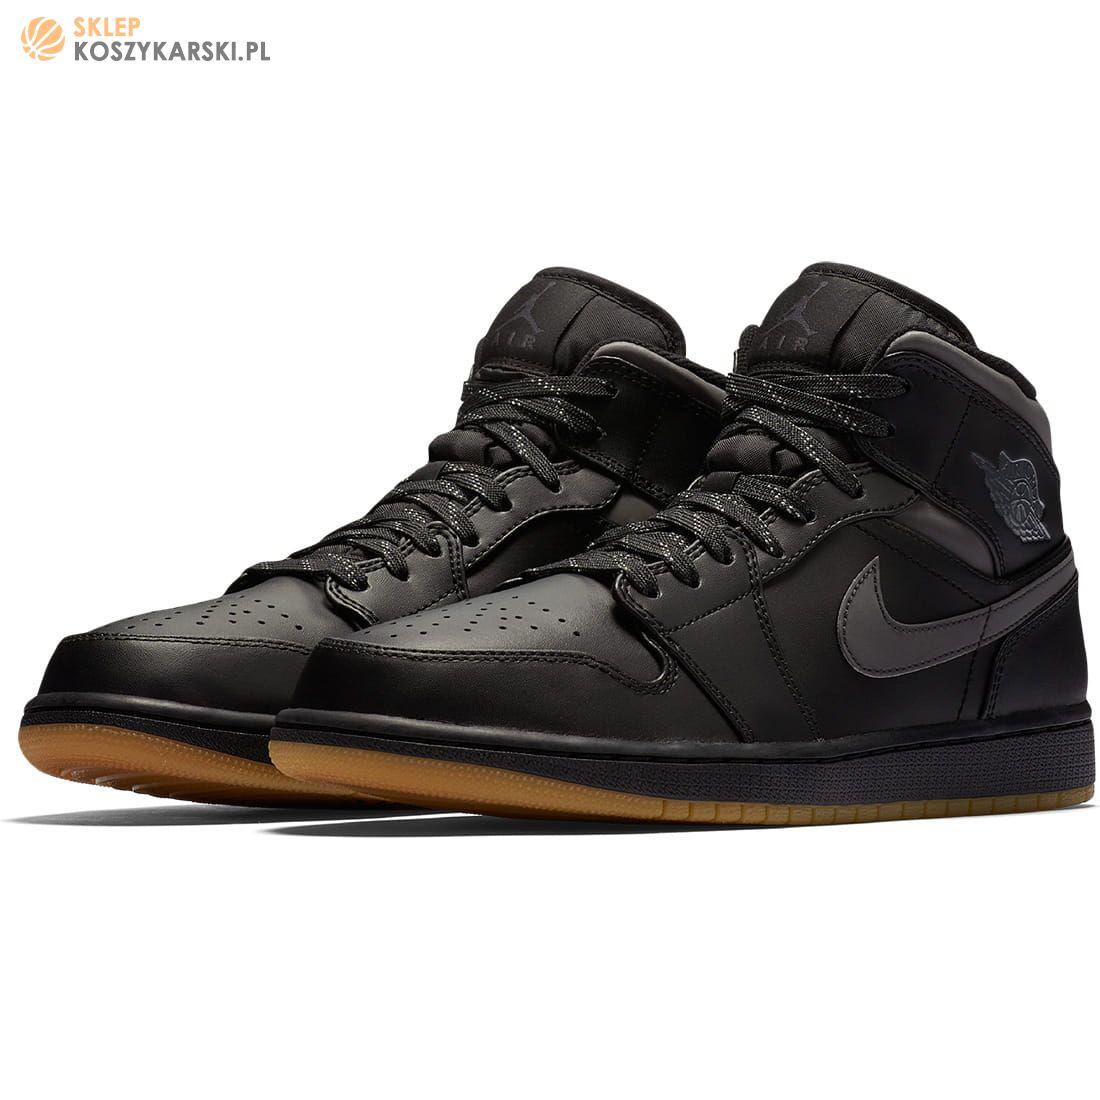 new product cfacf cd4f6 ... Buty Nike Air Jordan 1 Mid Winterized ...